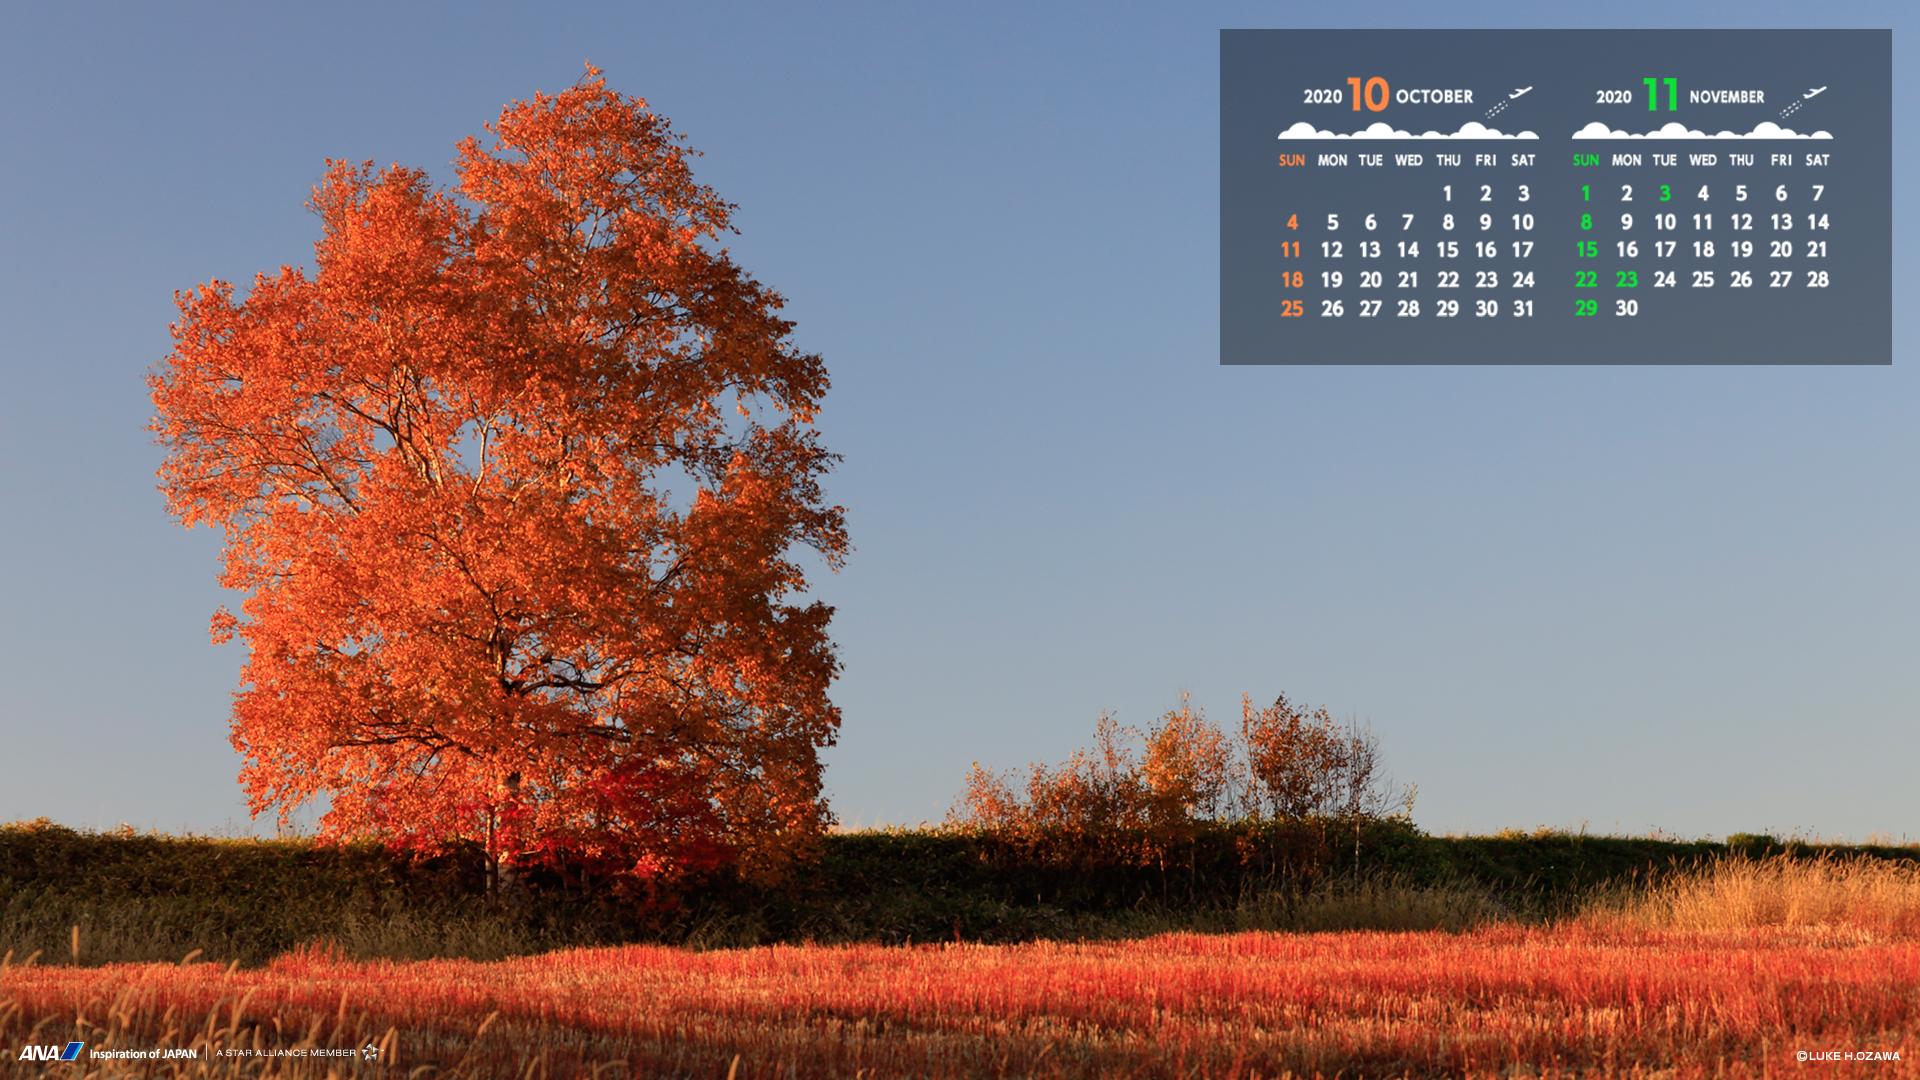 壁紙カレンダー シンプルに使える飛行機画像をダウンロード Ana